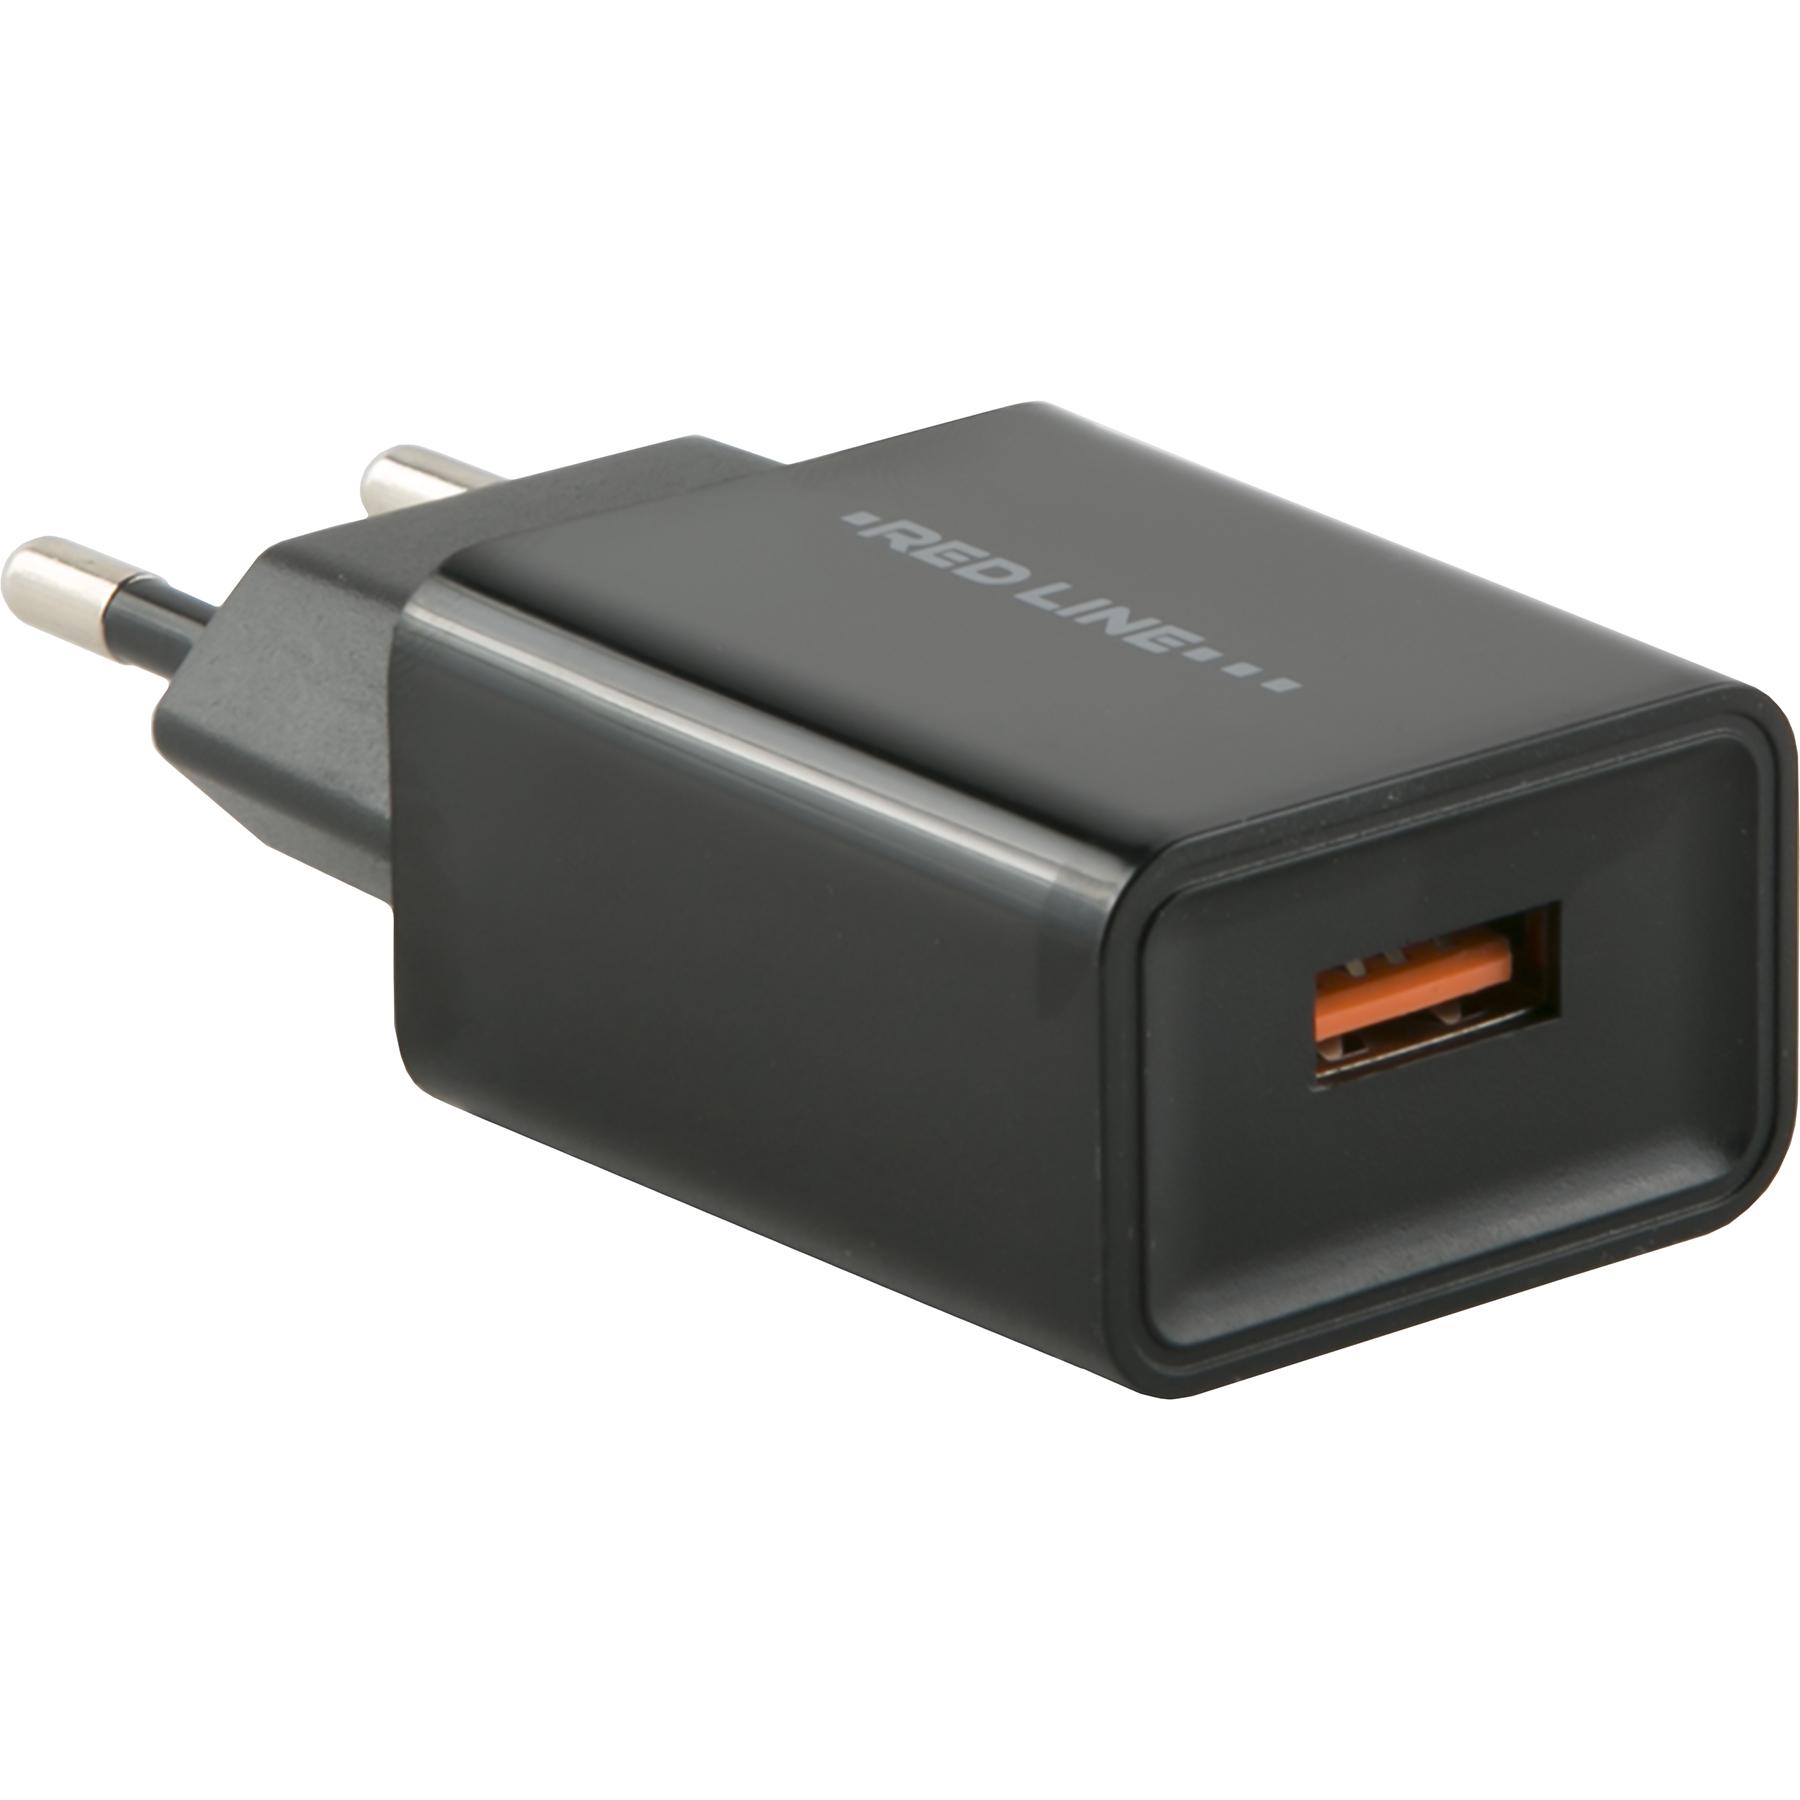 Фото - Сетевое зарядное устройство Red Line Tech USB QC 3.0 NQC1-3A черный автомобильное зарядное устройство belkin f8j054btblk usb 2 4а черный